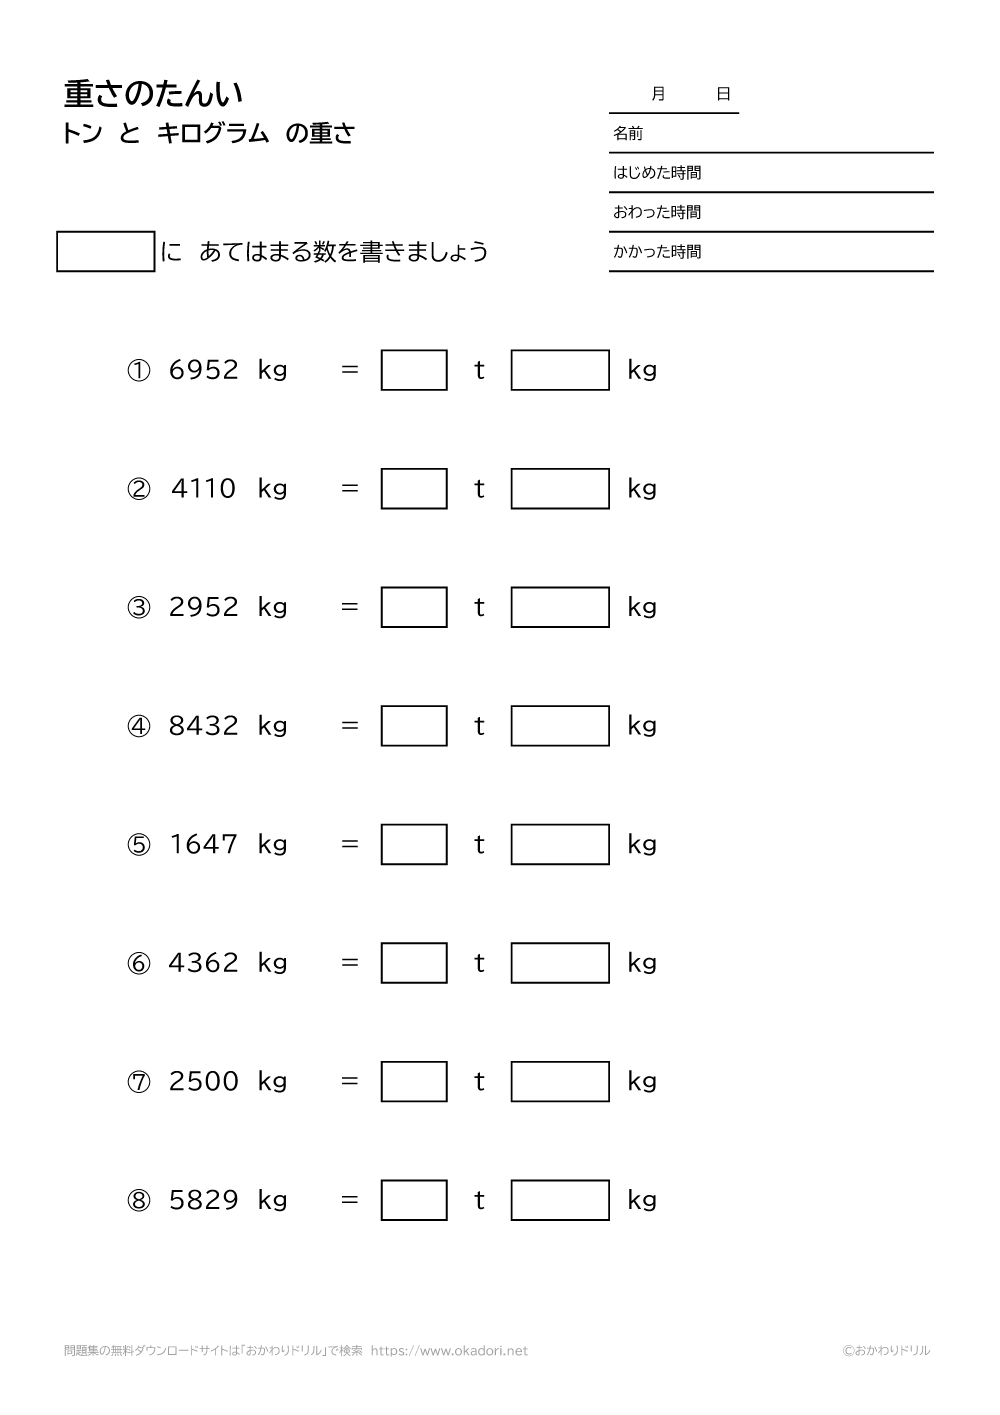 トンとキログラムの重さの単位-1-1